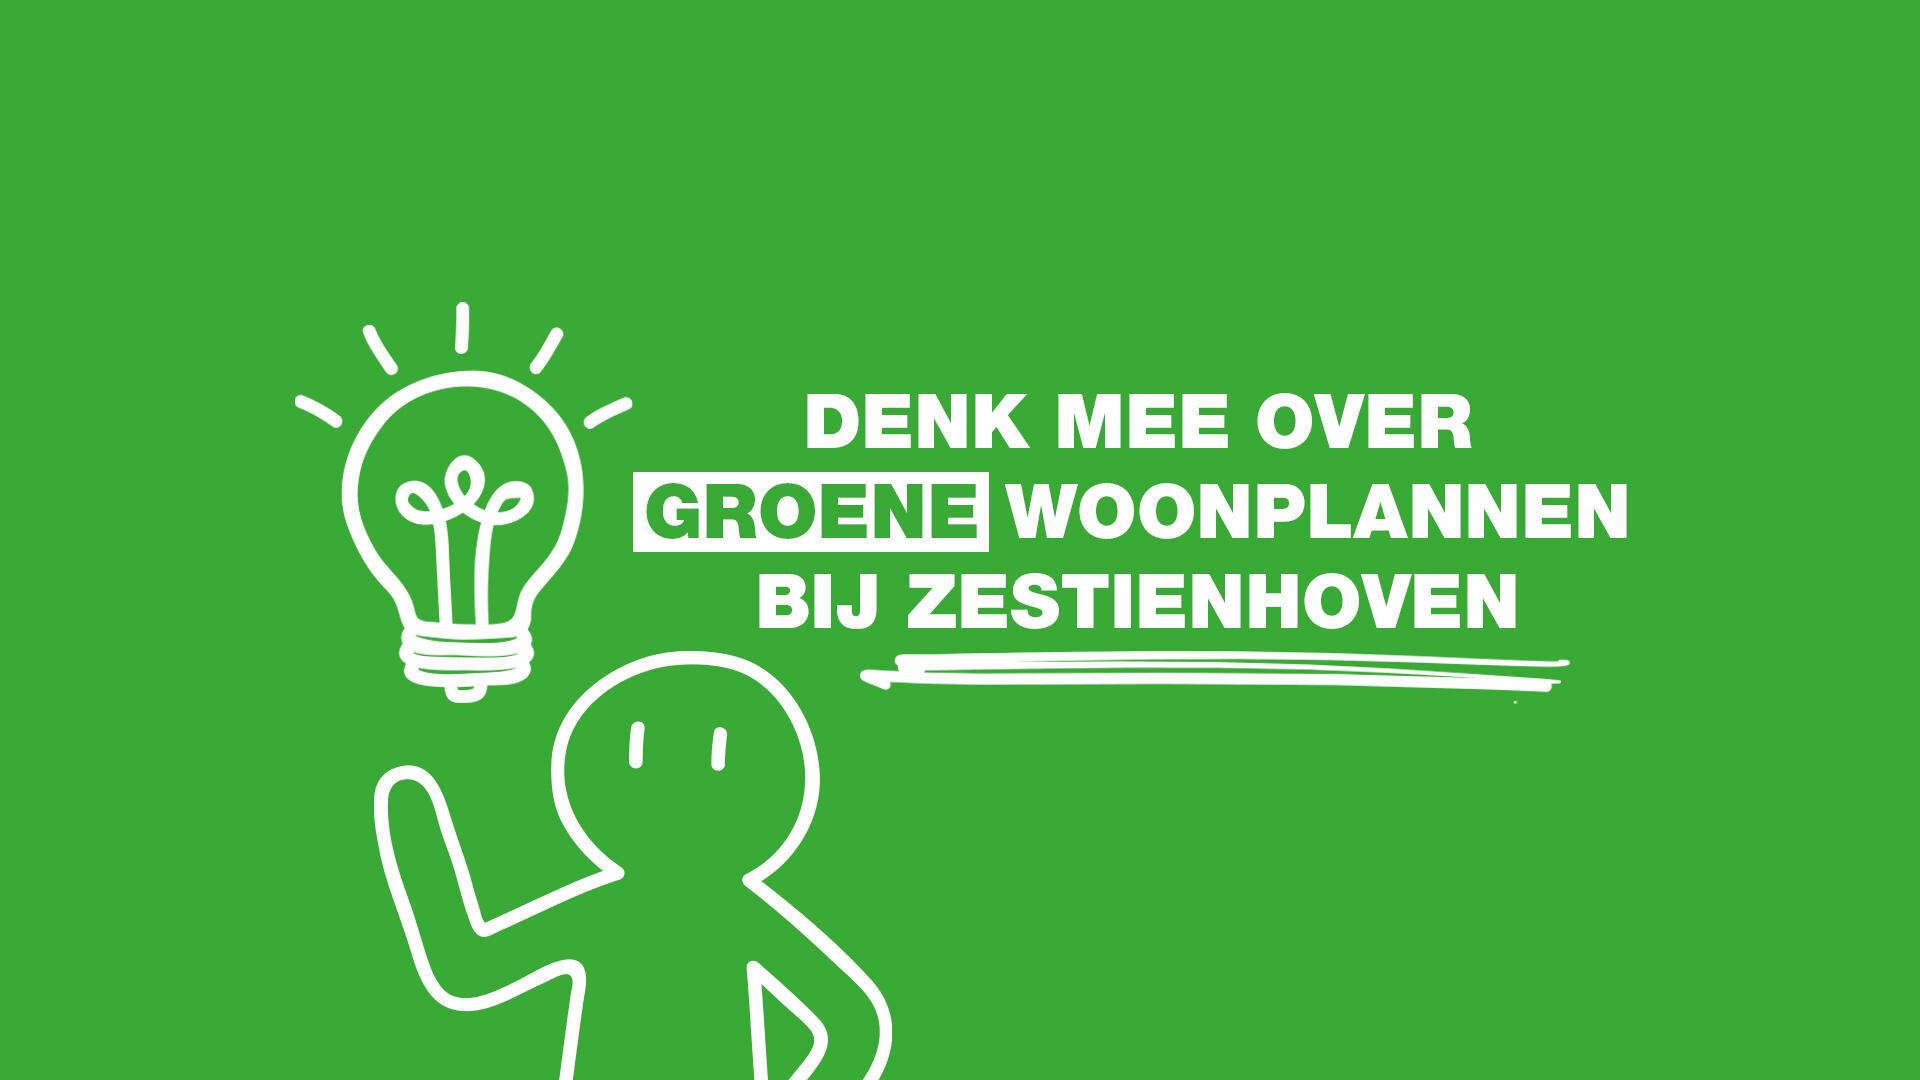 Denk mee over groene plannen op terrein van Rotterdam The Hague Airport (Zestienhoven)